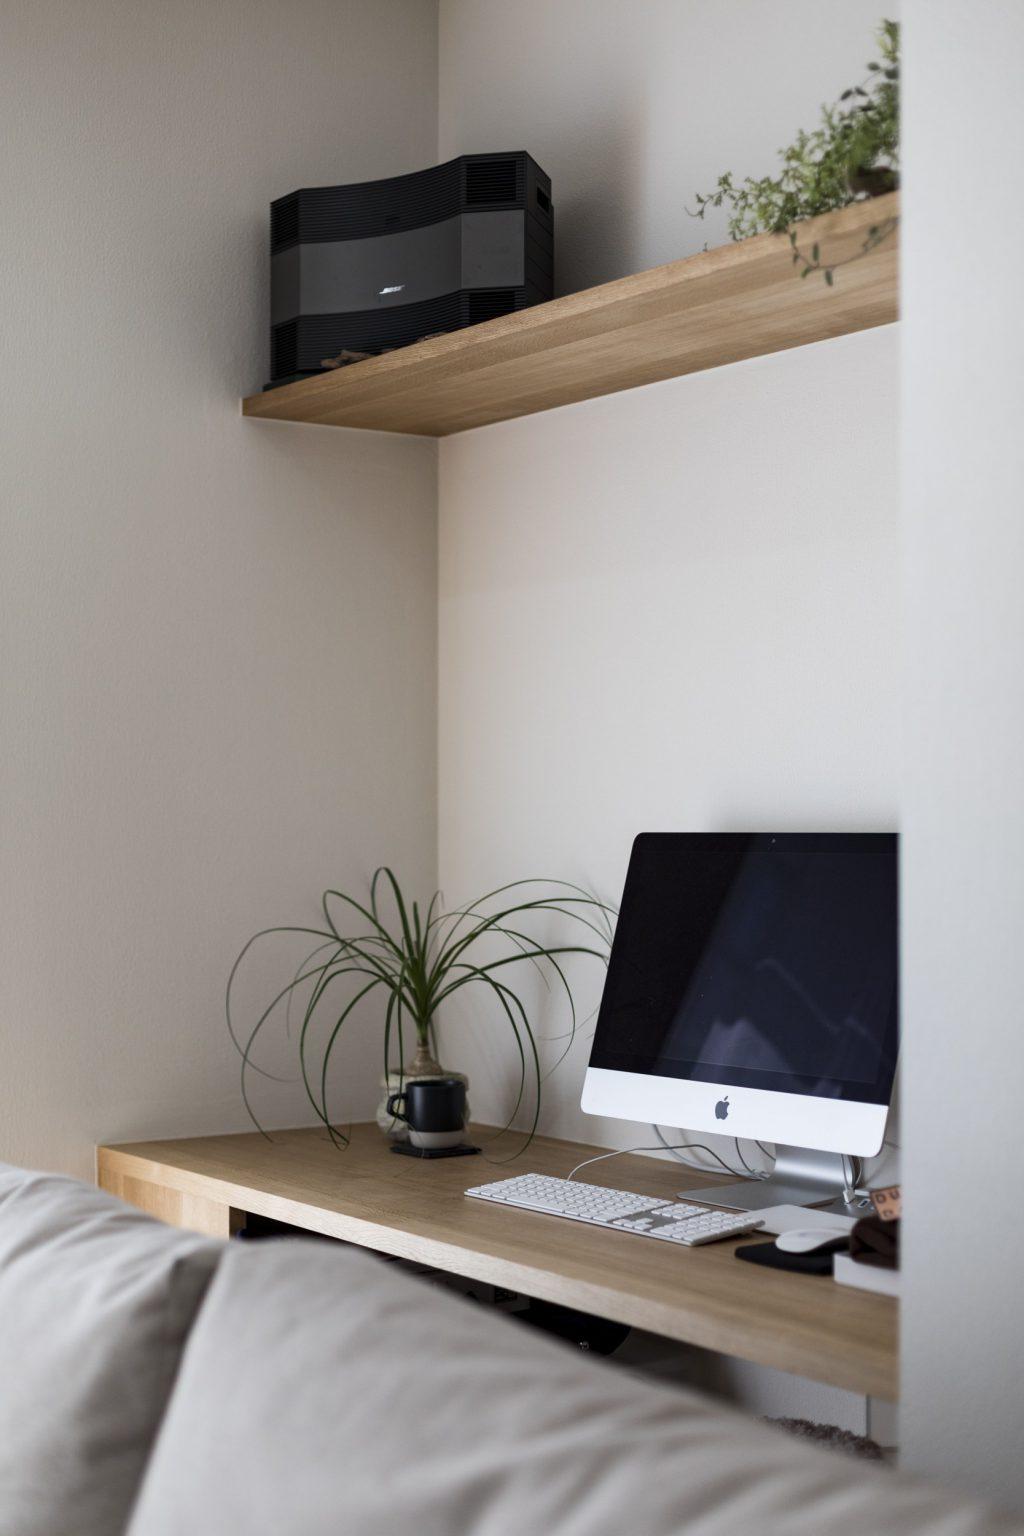 岐阜県瑞穂市の二世帯住宅リノベーション事例のカウンター